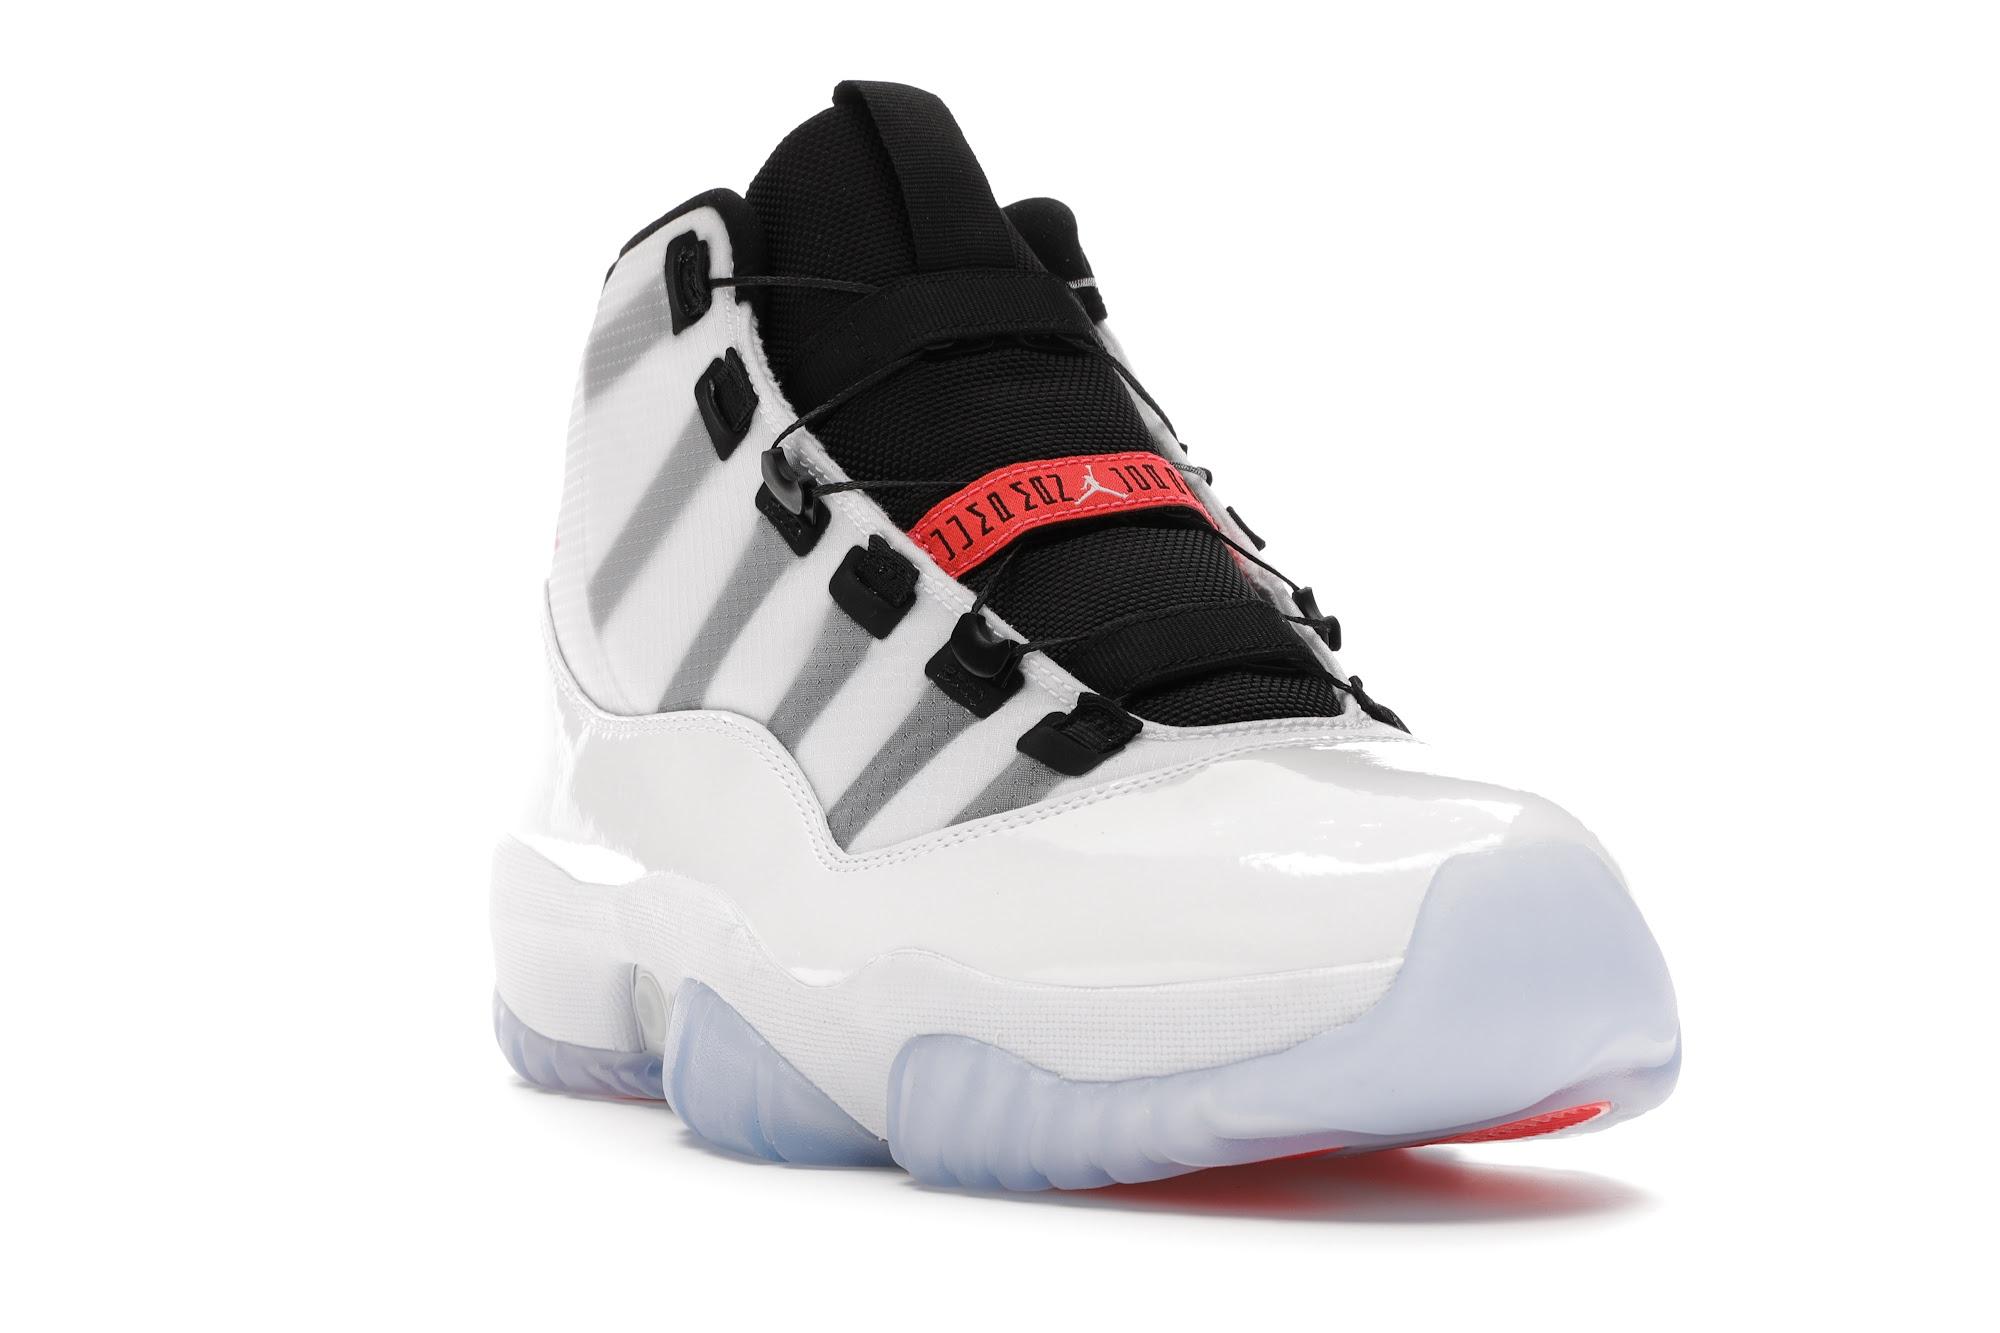 Jordan 11 Adapt White - DA7990-100